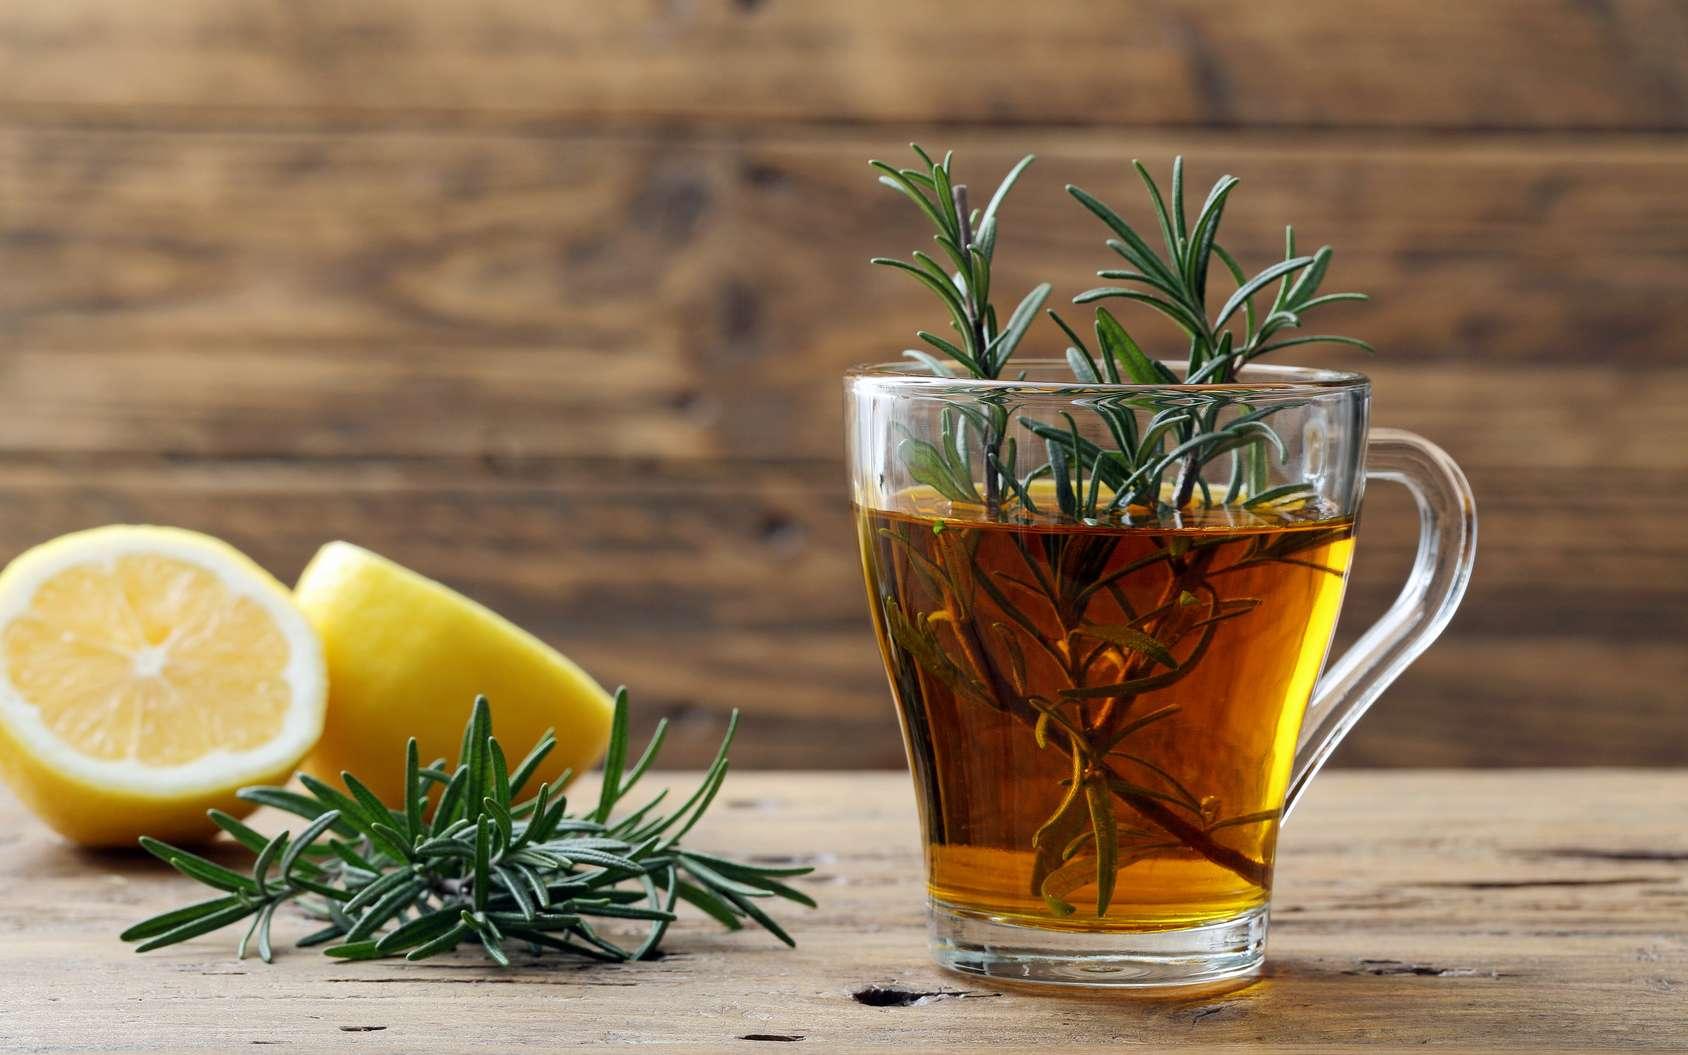 Le romarin est une plante adaptogène. Elle aide les organes à mieux fonctionner et facilite la digestion en réduisant les ballonnements. © denio109, fotolia